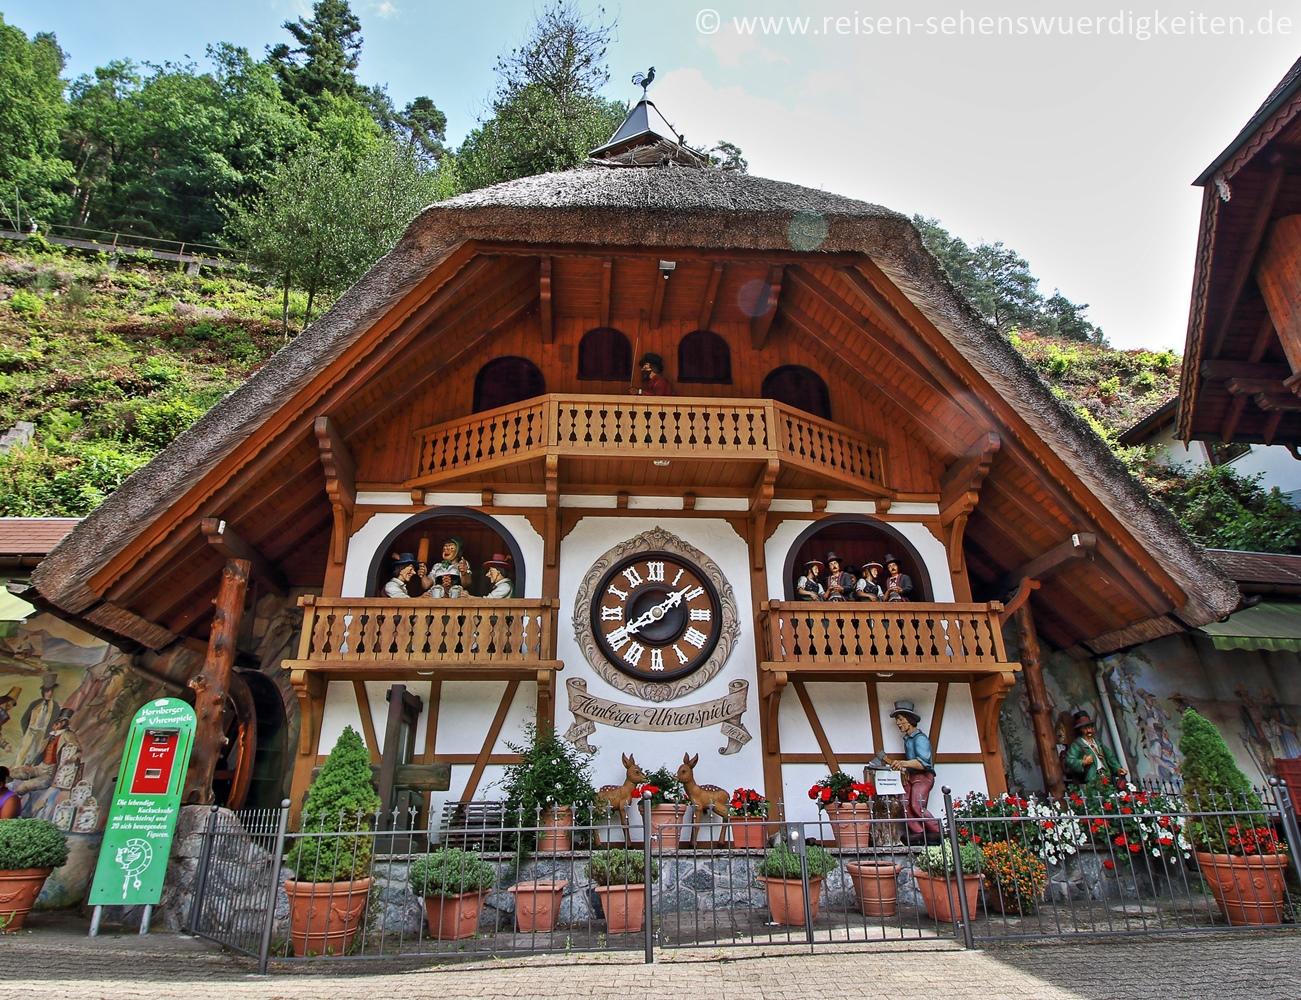 Hornberger Uhrenspiel im Schwarzwald